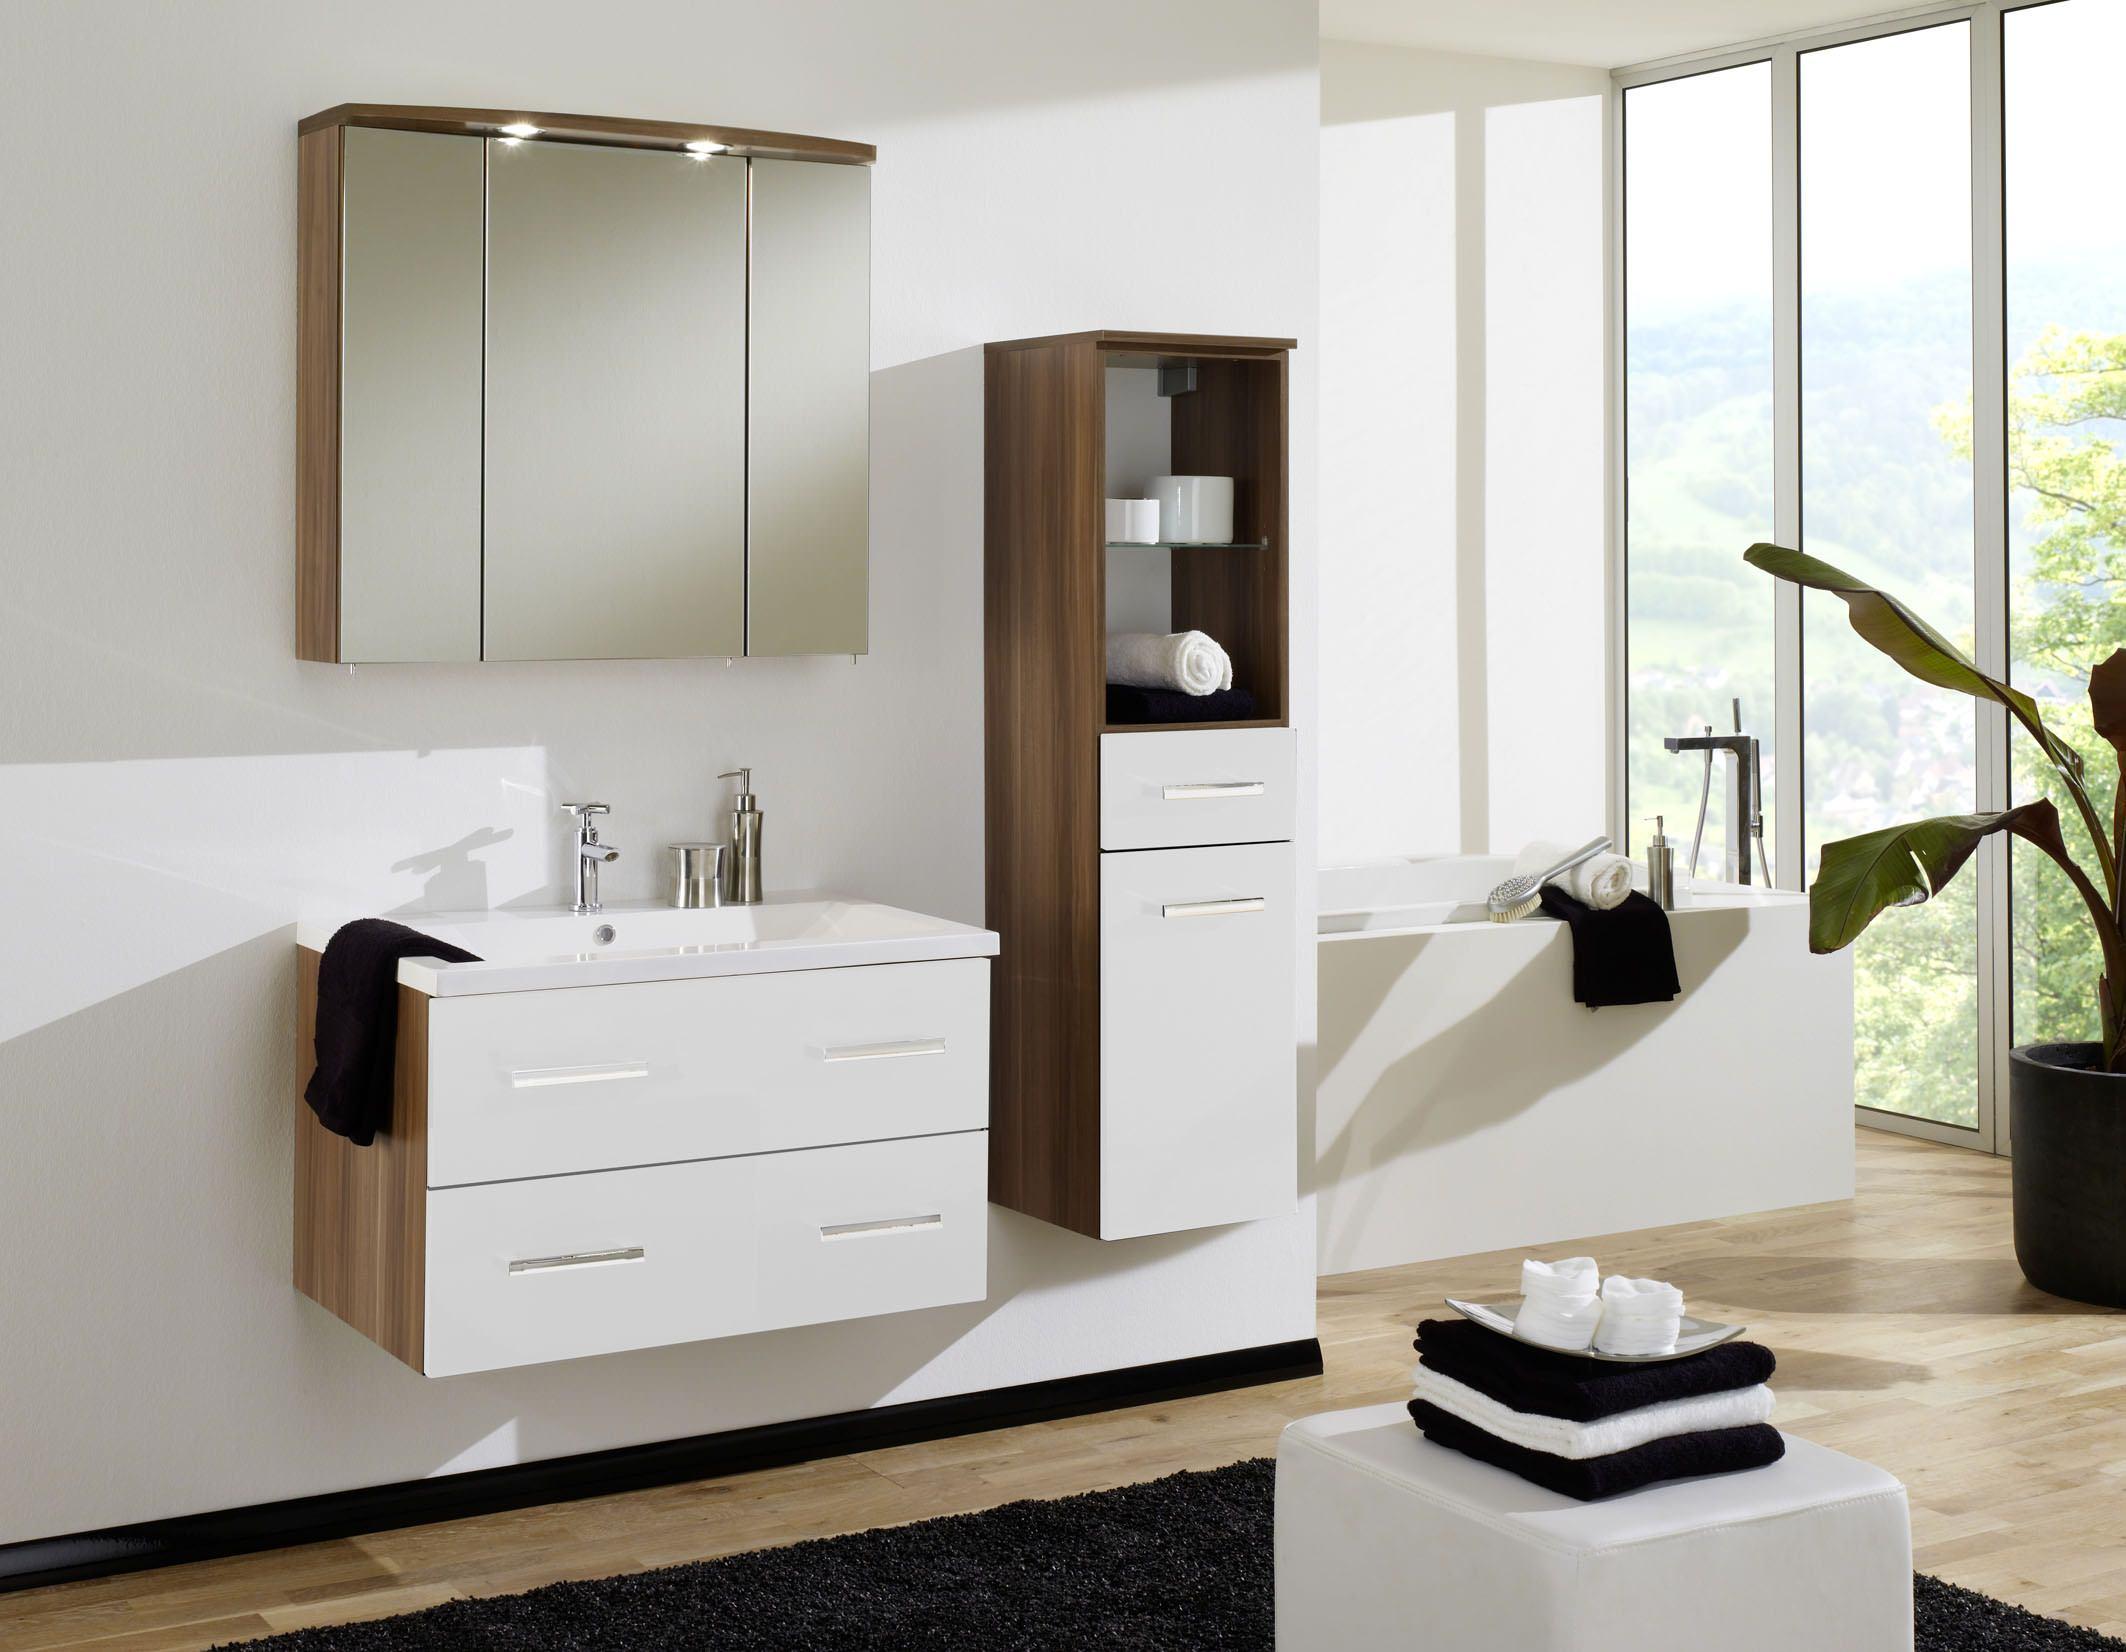 e zoll simply parla spiegelschrank 80cm sps 80 zwetschge dekor 96199. Black Bedroom Furniture Sets. Home Design Ideas